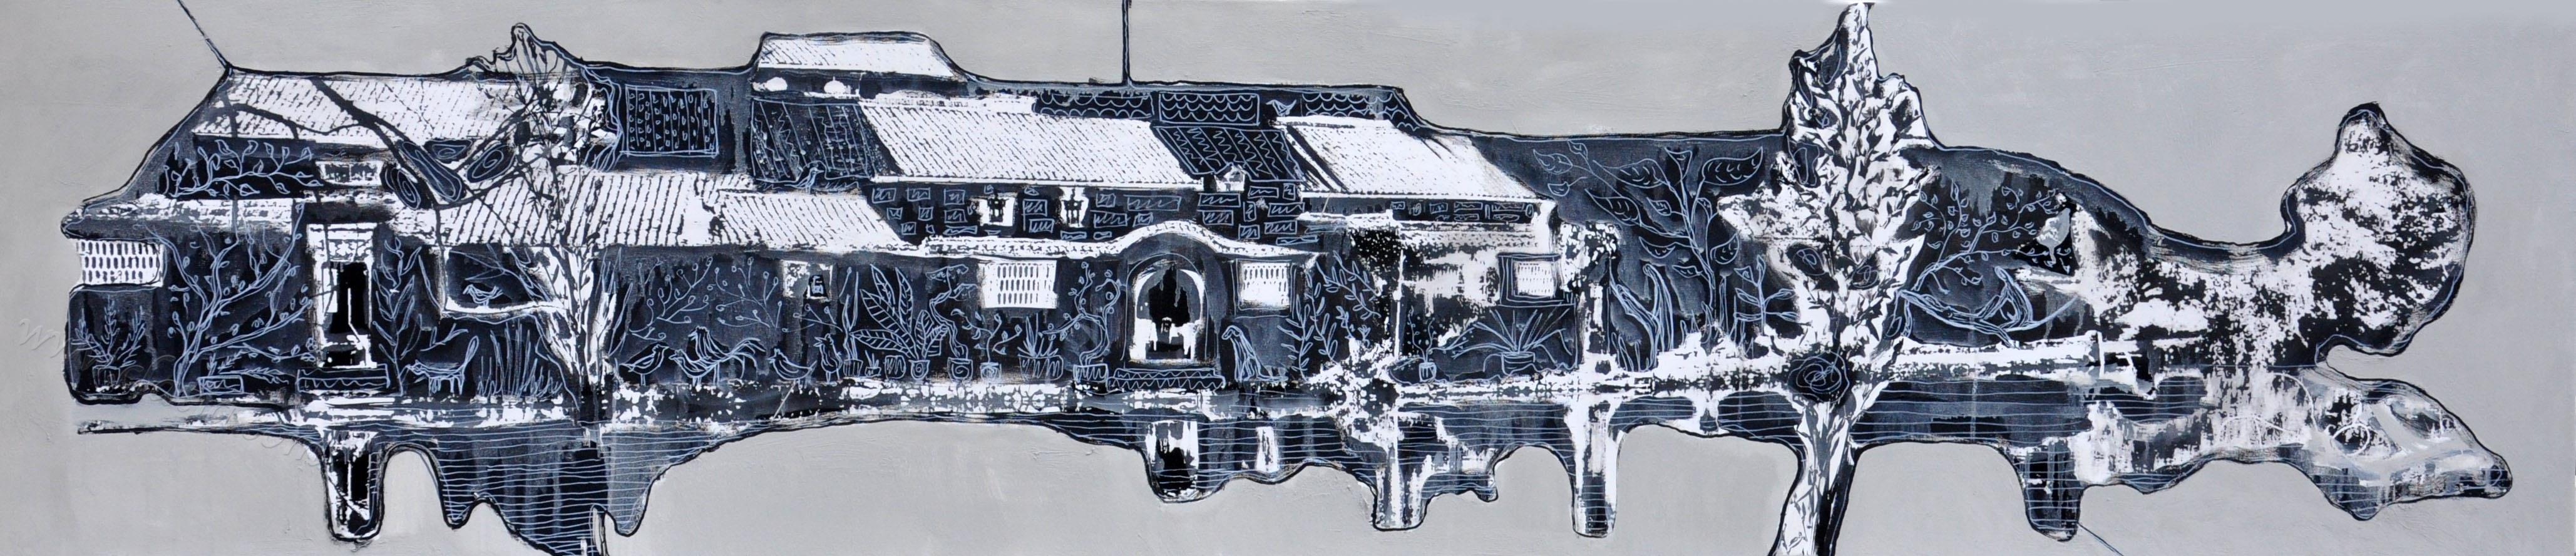 Летающий город х.м.45х200 2016